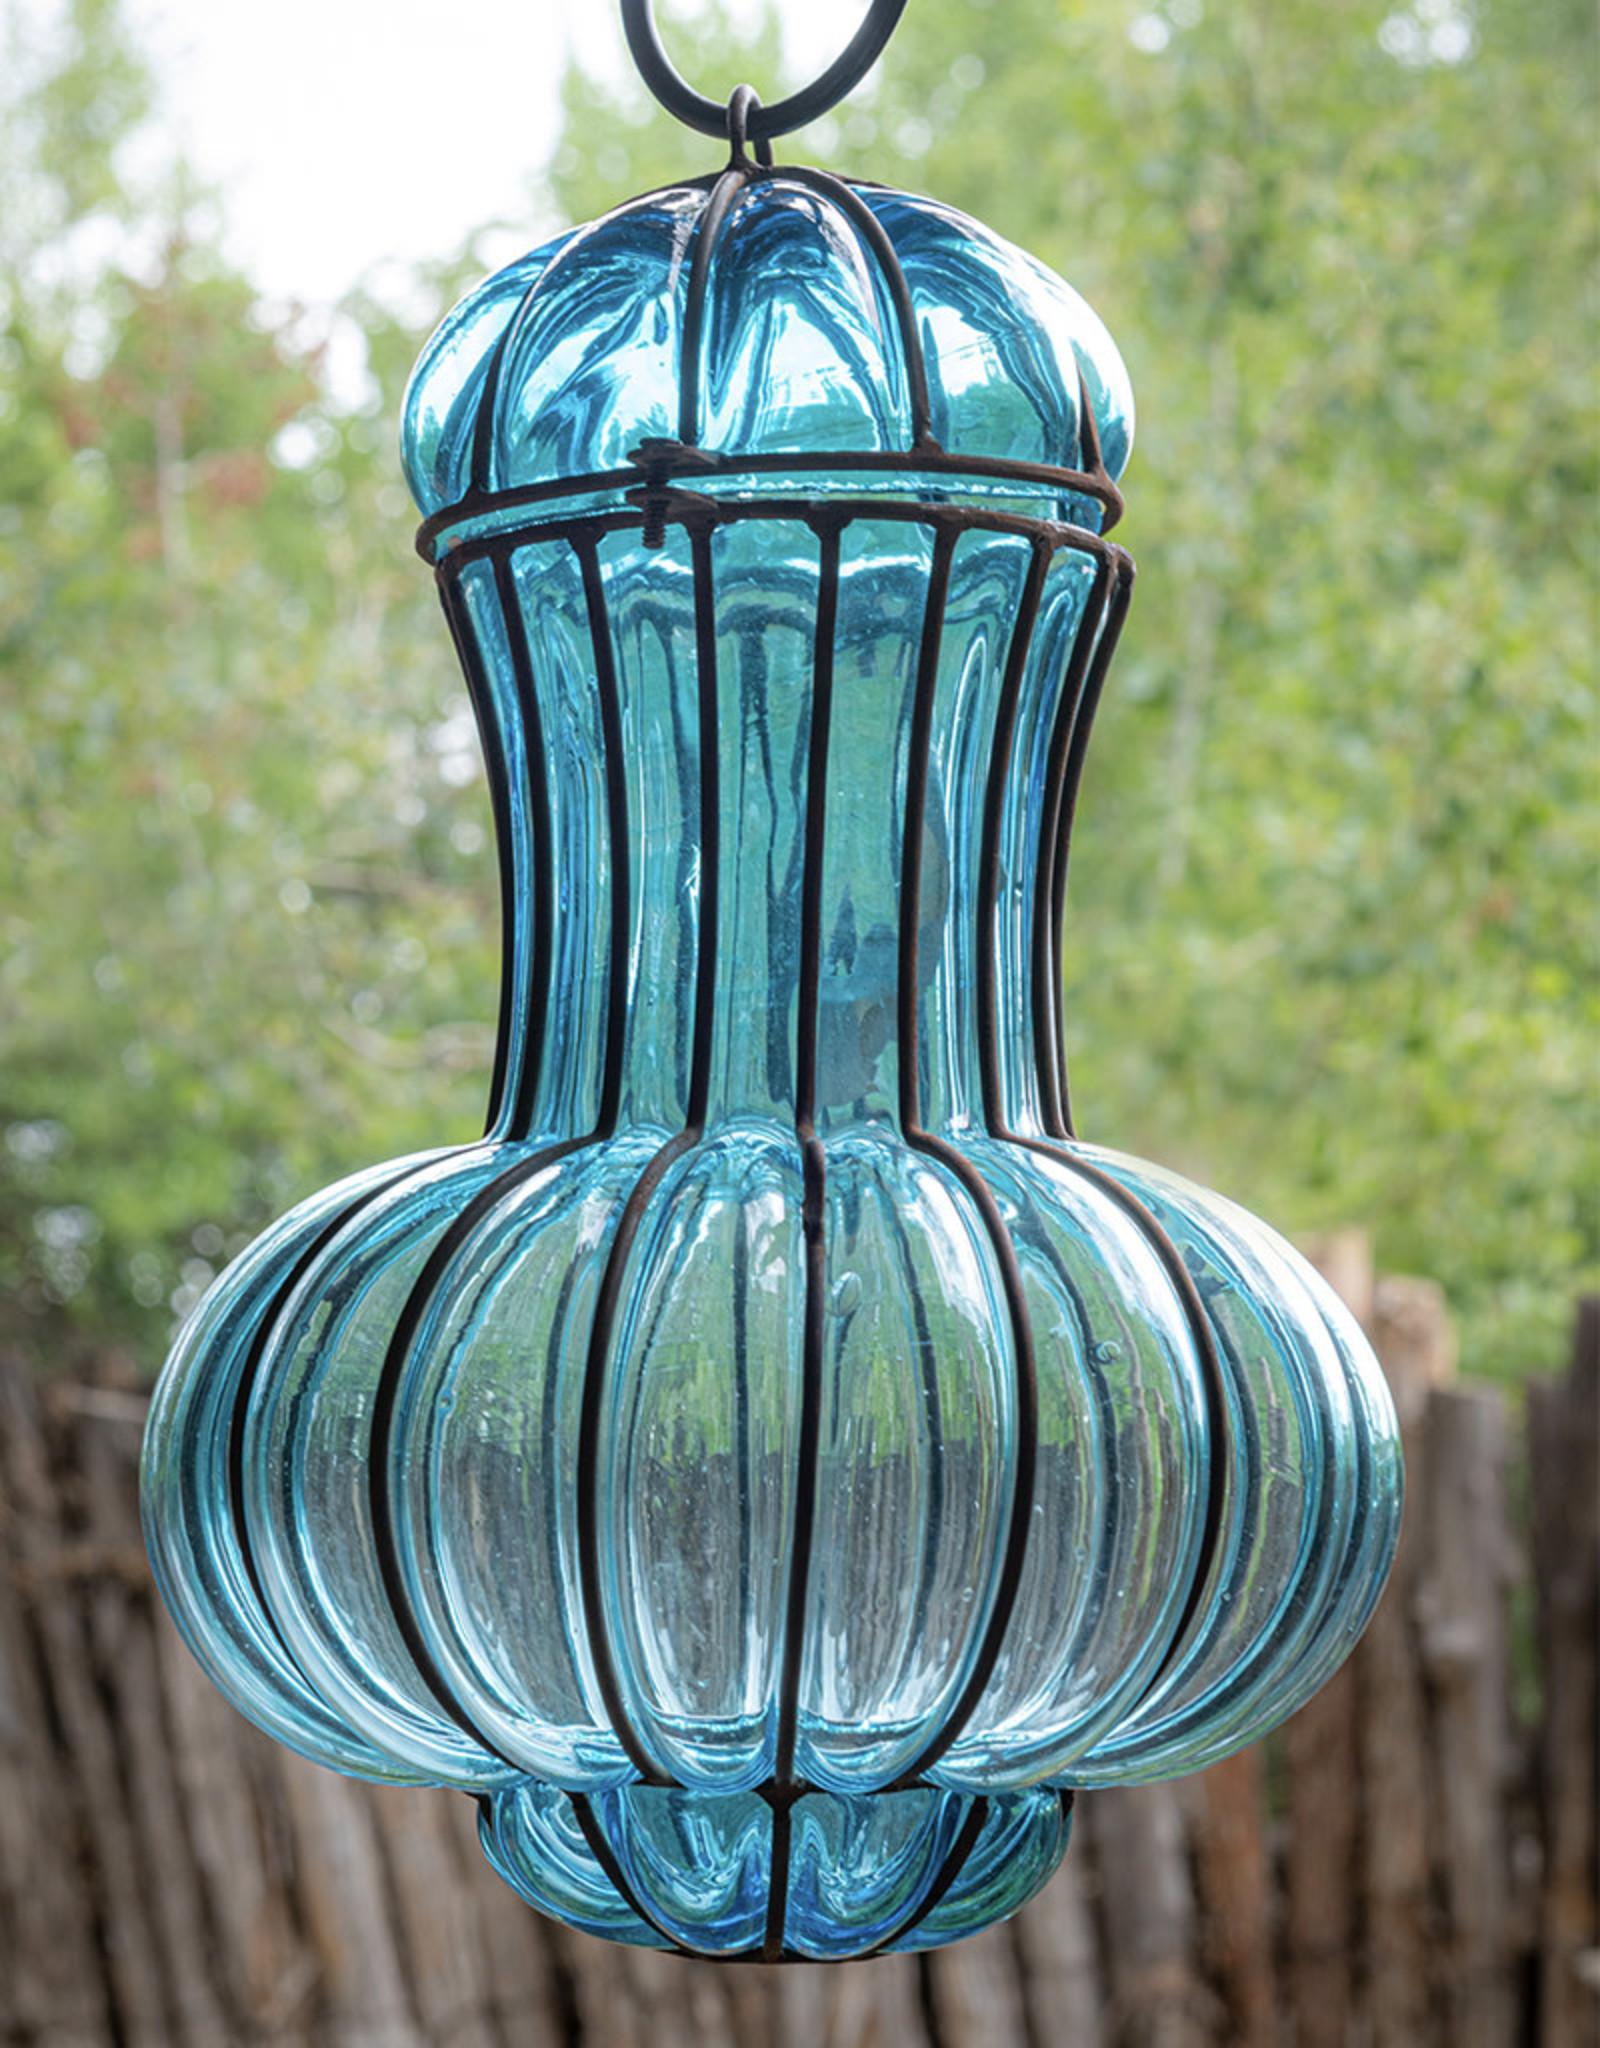 Deir Ezzor Lantern Turquoise